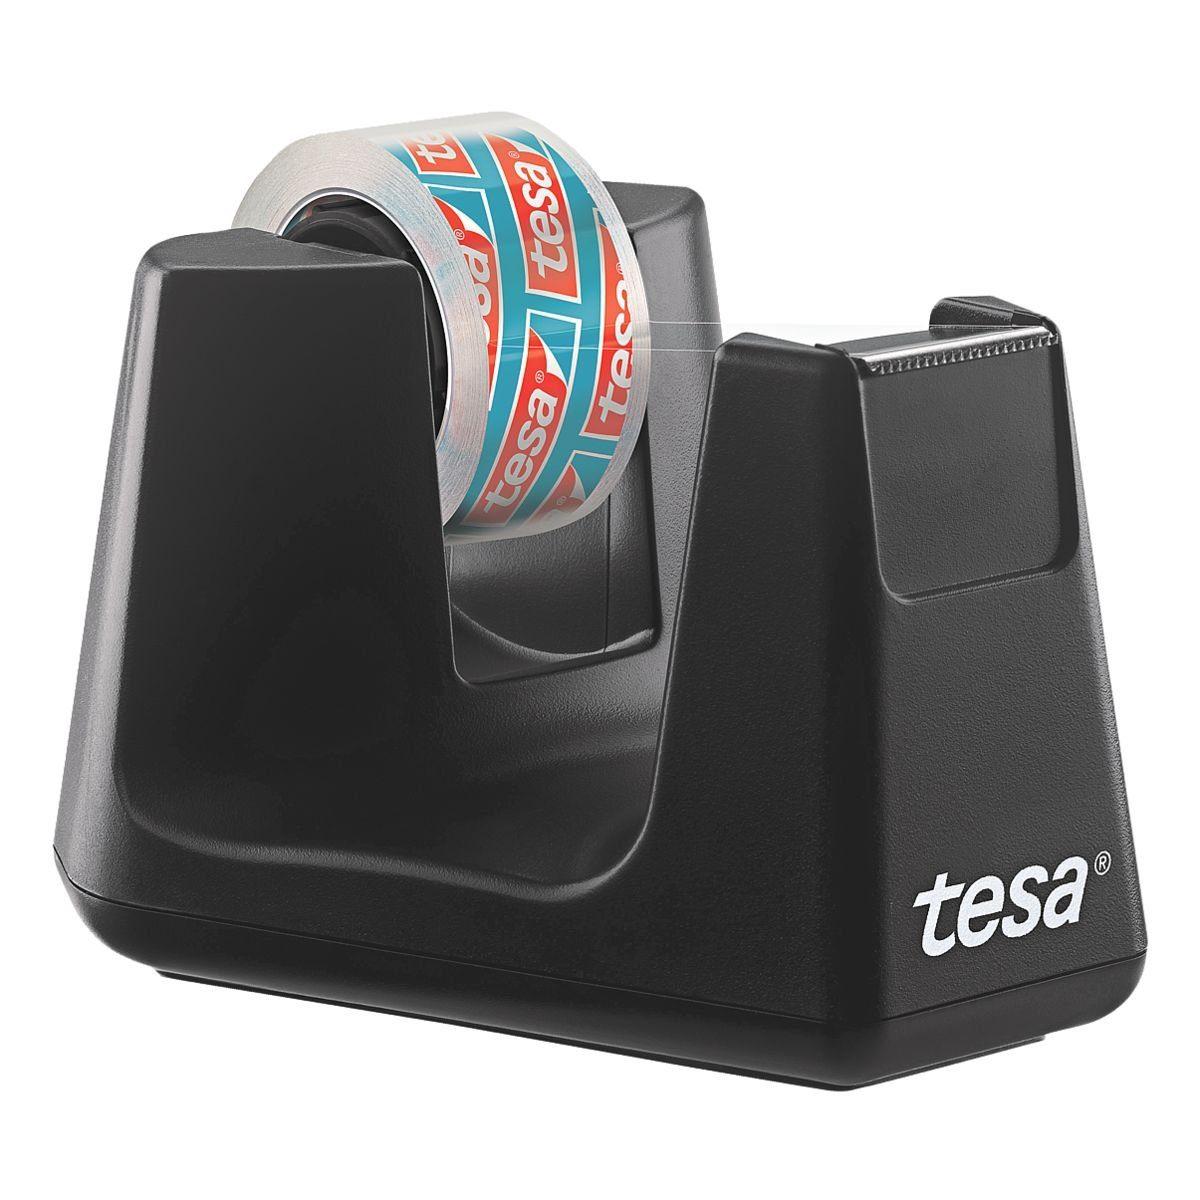 Tesa Tischabroller mit Klebeband »smart ecoLogo®«